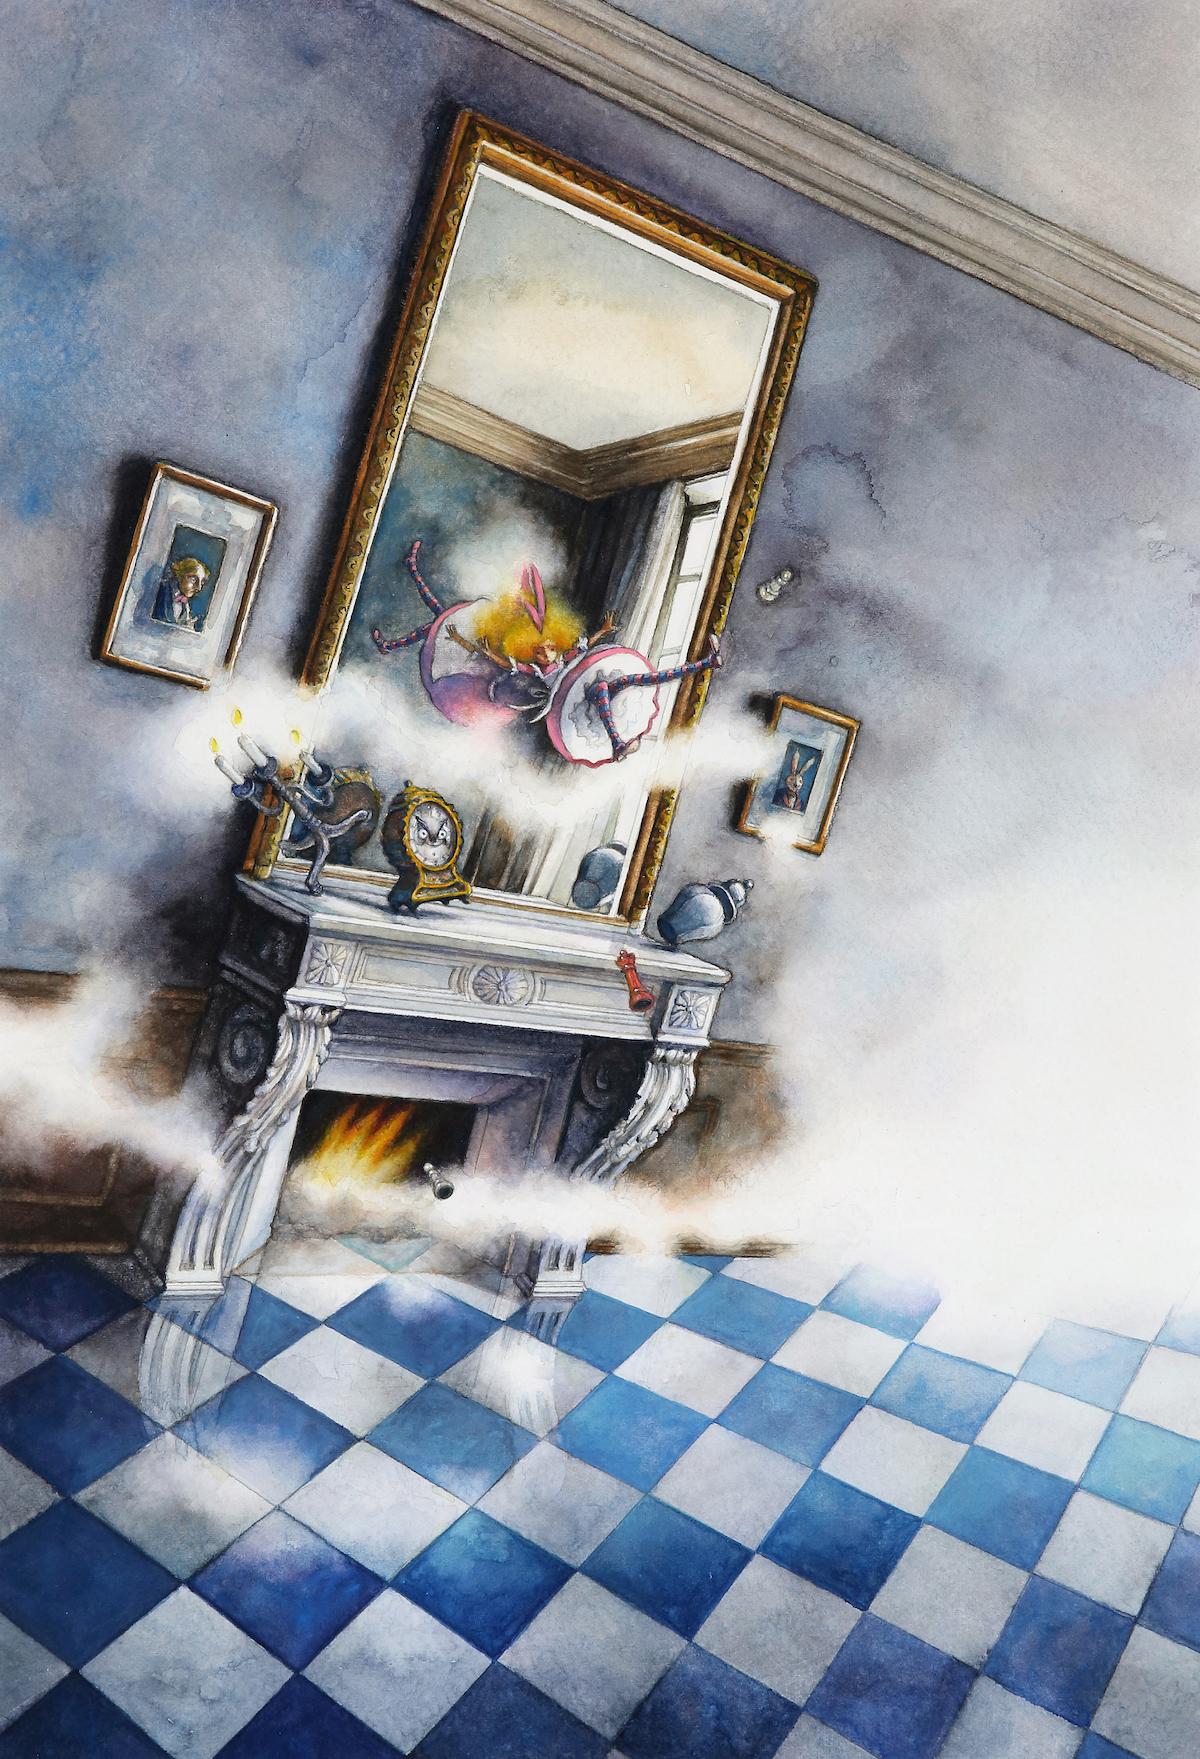 ひらいたかこ『鏡の向こう側へ』 ©2014 Takako Hirai